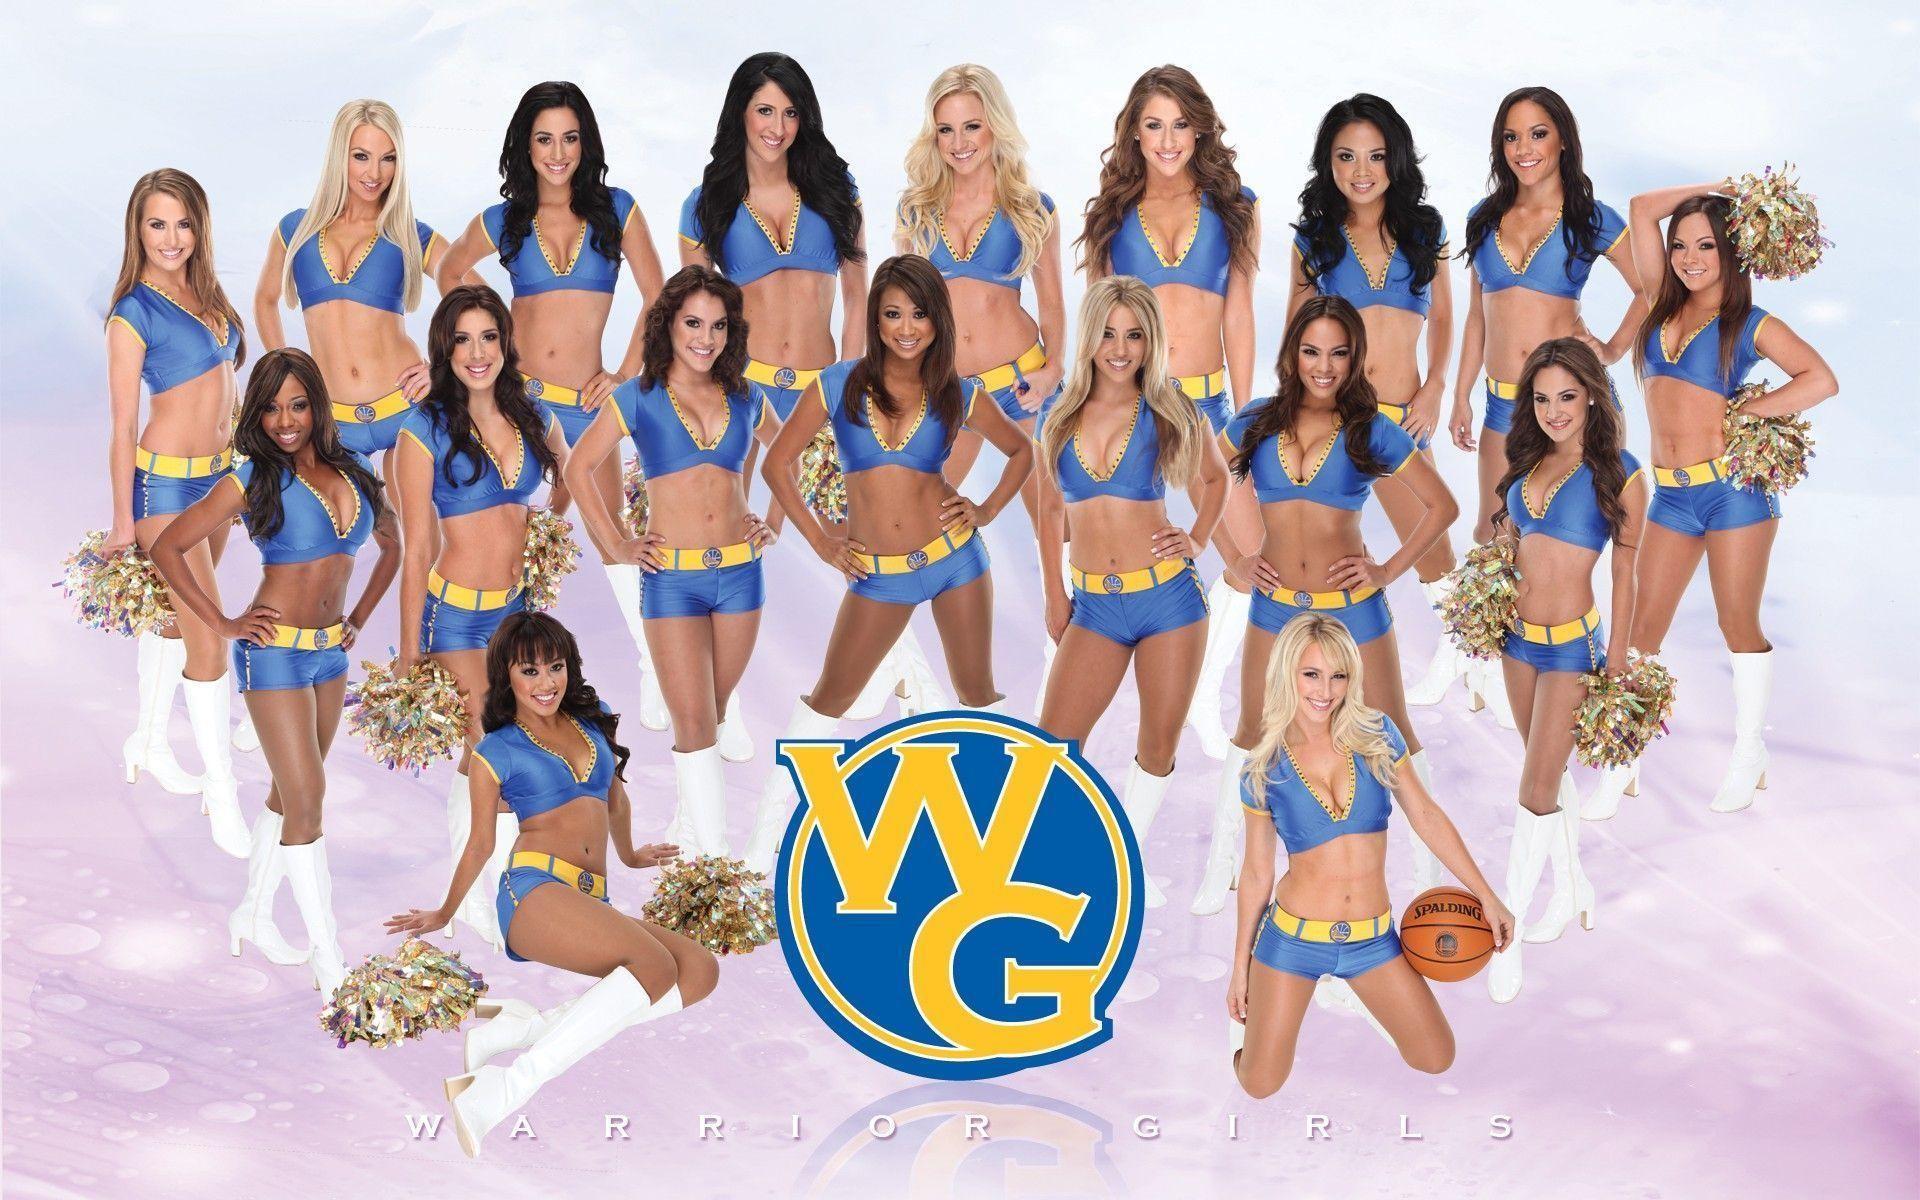 Warriors Girls NBA wallpaper HD 2016 in Basketball | Wallpapers HD